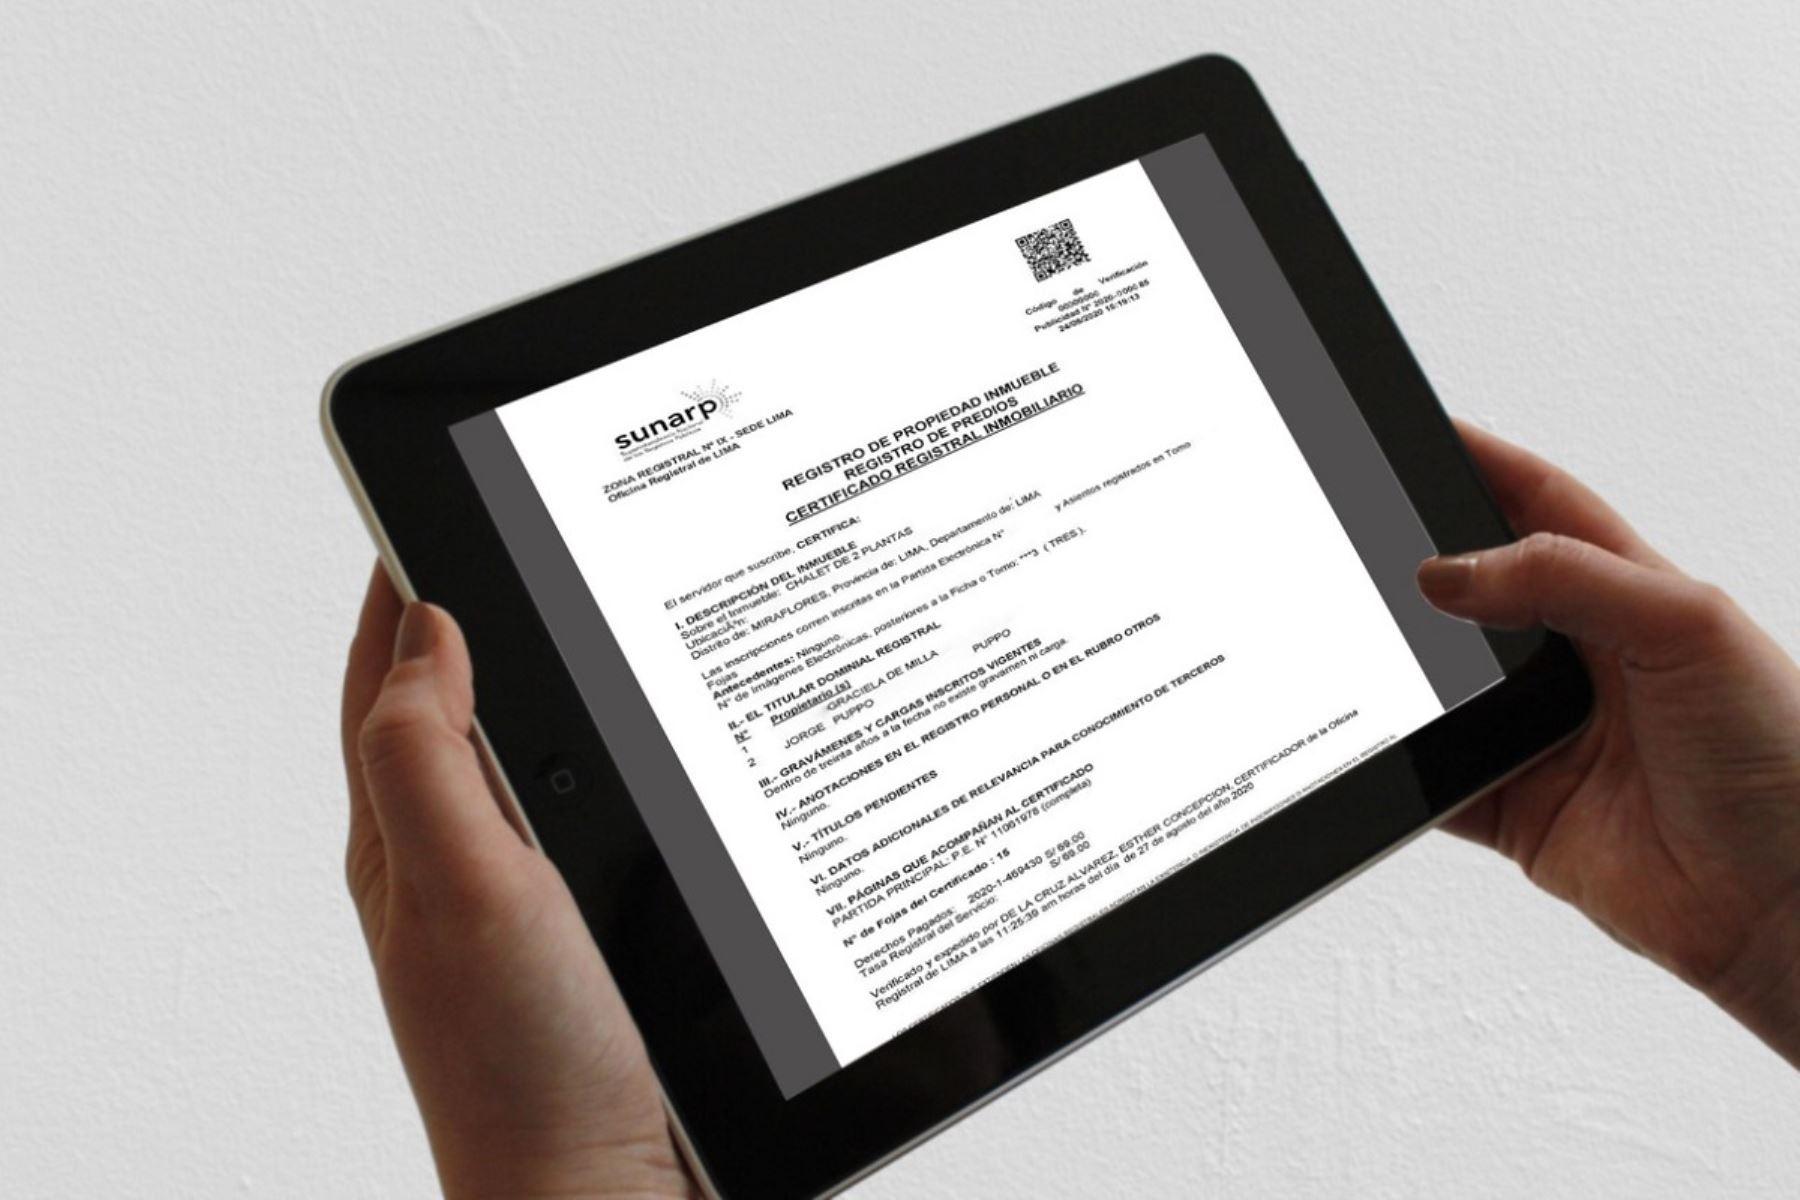 Aumenta emisión de publicidad registral necesaria para actividades del sector inmobiliario